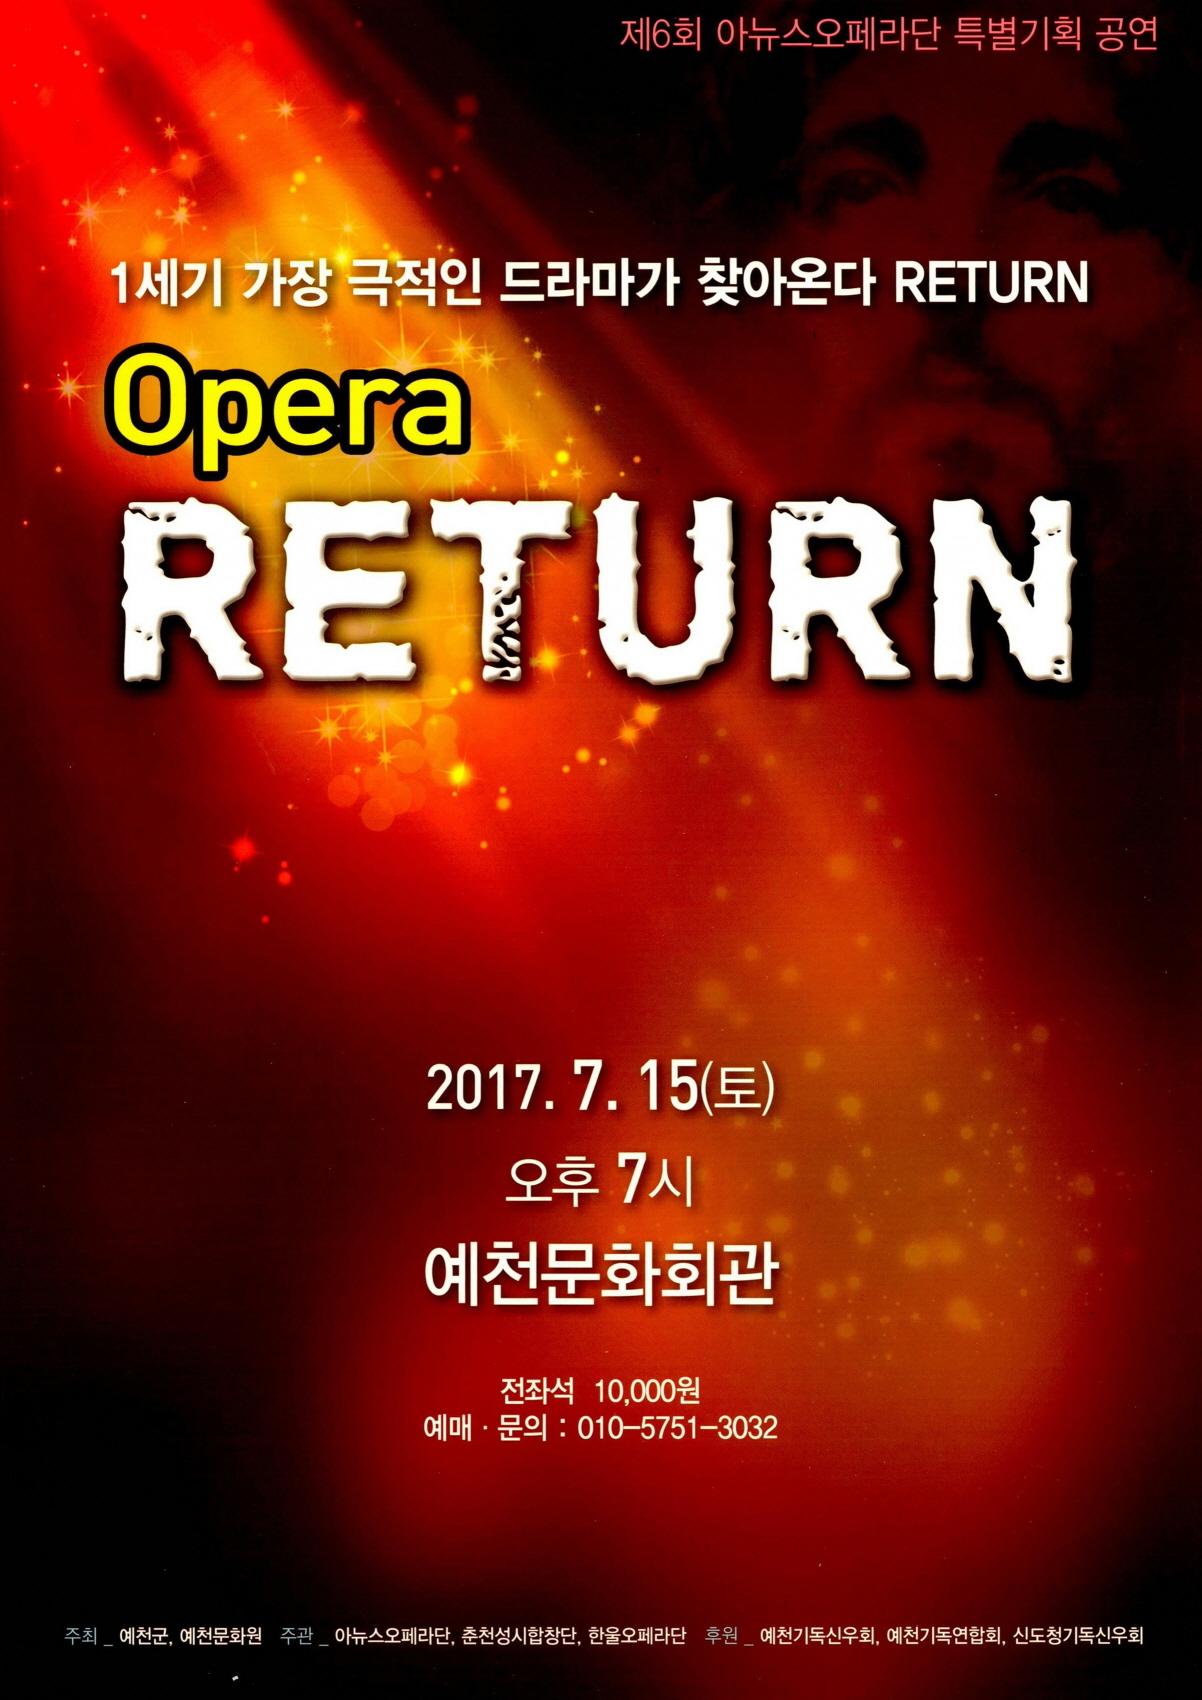 제6회 아뉴스오페라단 특별기획 공연 Opera RETURN <팜플렛>